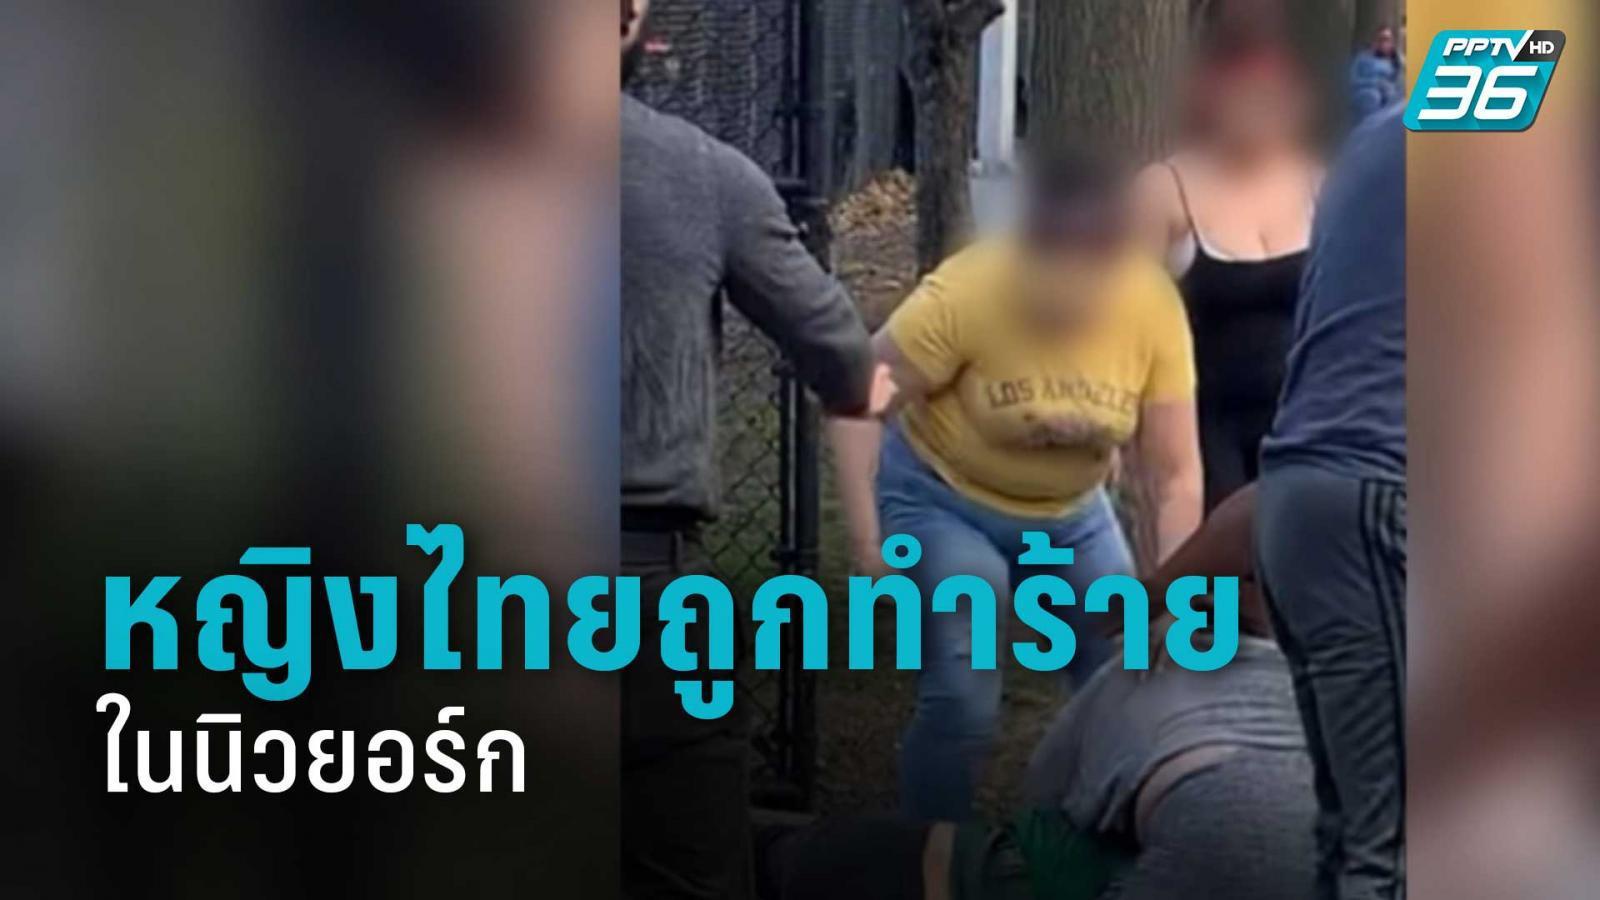 หญิงไทยในนิวยอร์ก ถูกทำร้าย-แมวตาย